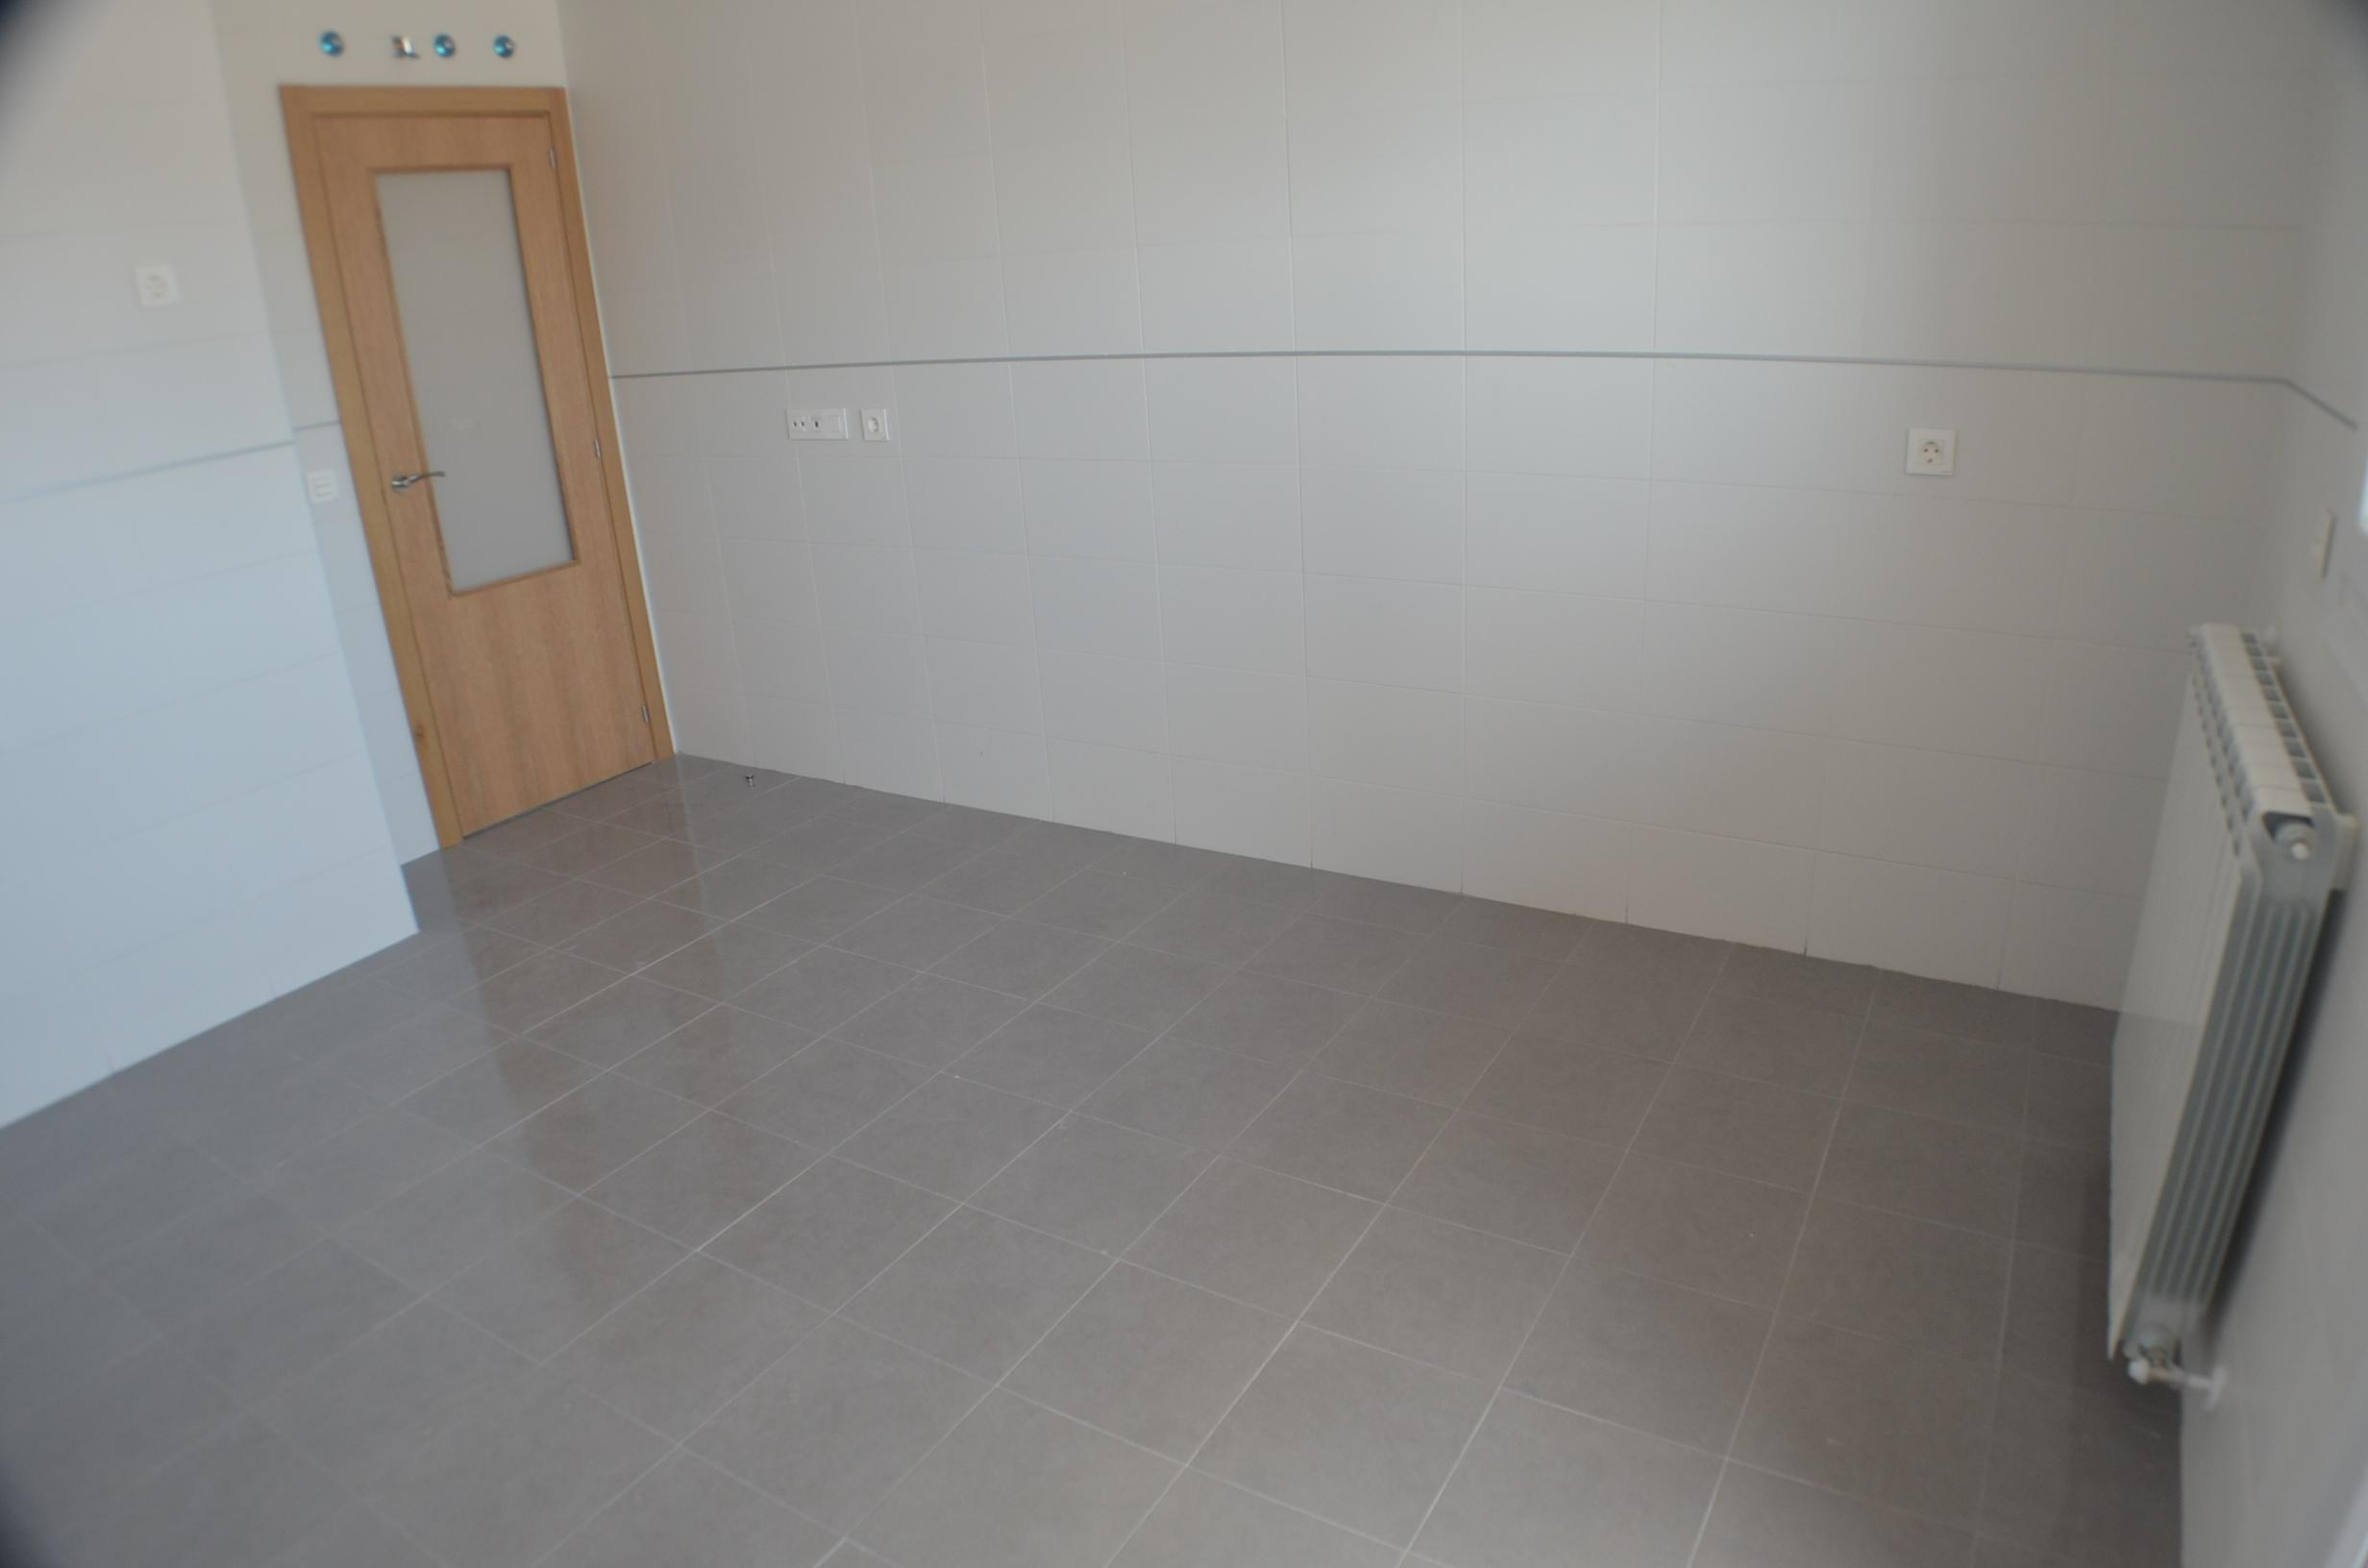 Piso las rozas de madrid venta 232600 euros zona marazuela el torre n mblanco servicios - Inmobiliaria blanco las rozas ...